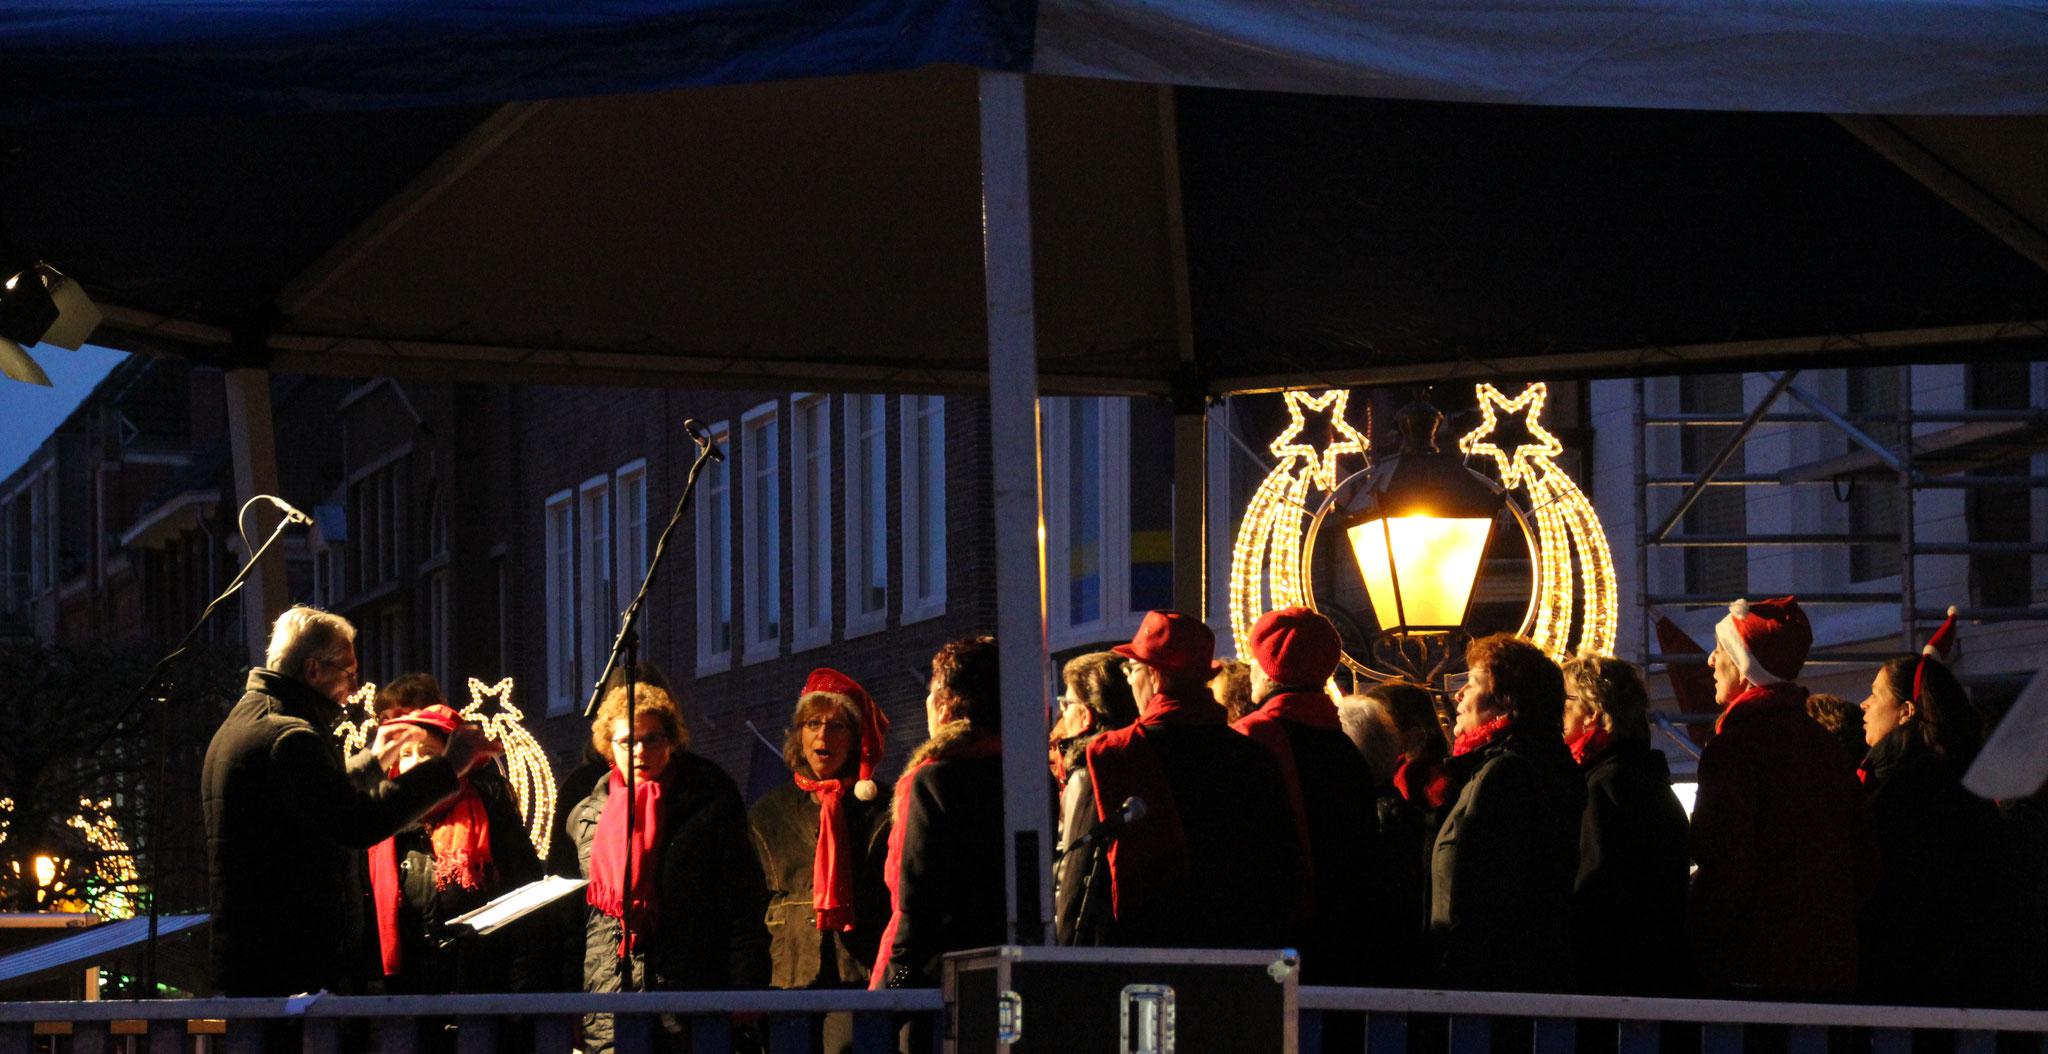 Kerstmarkt Lichtjes aan de Lek, Culemborg, 17 december 2017